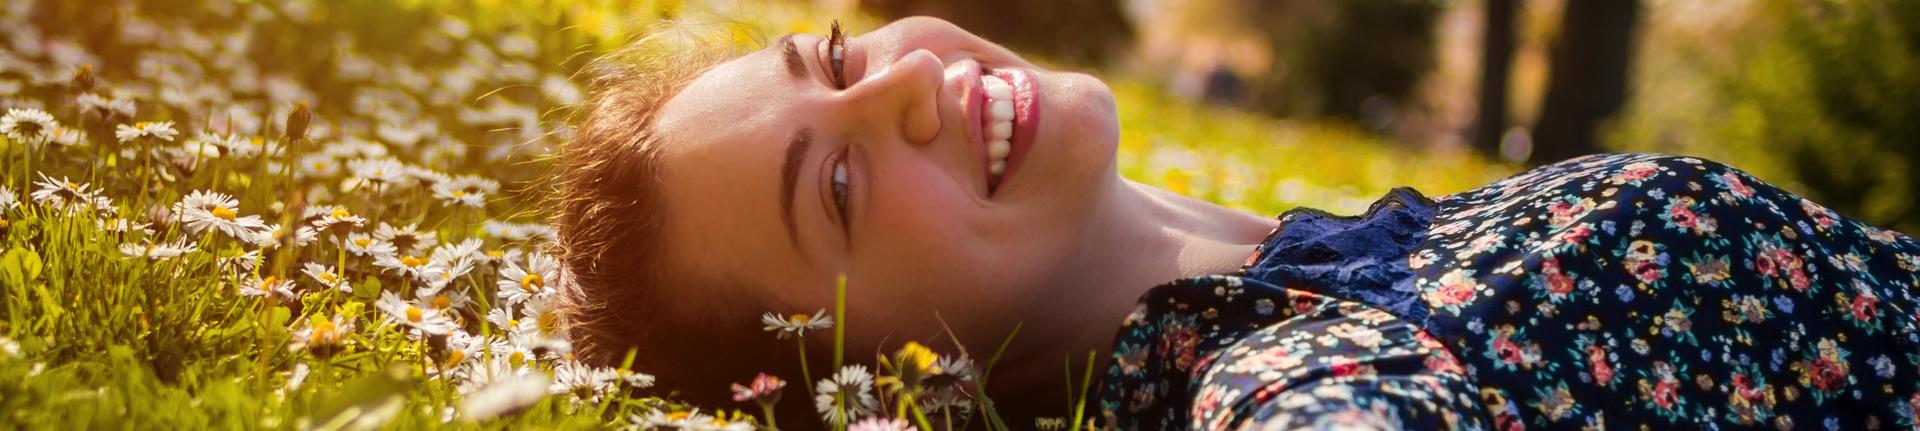 Coletor menstrual, uma prática sustentável e libertadora